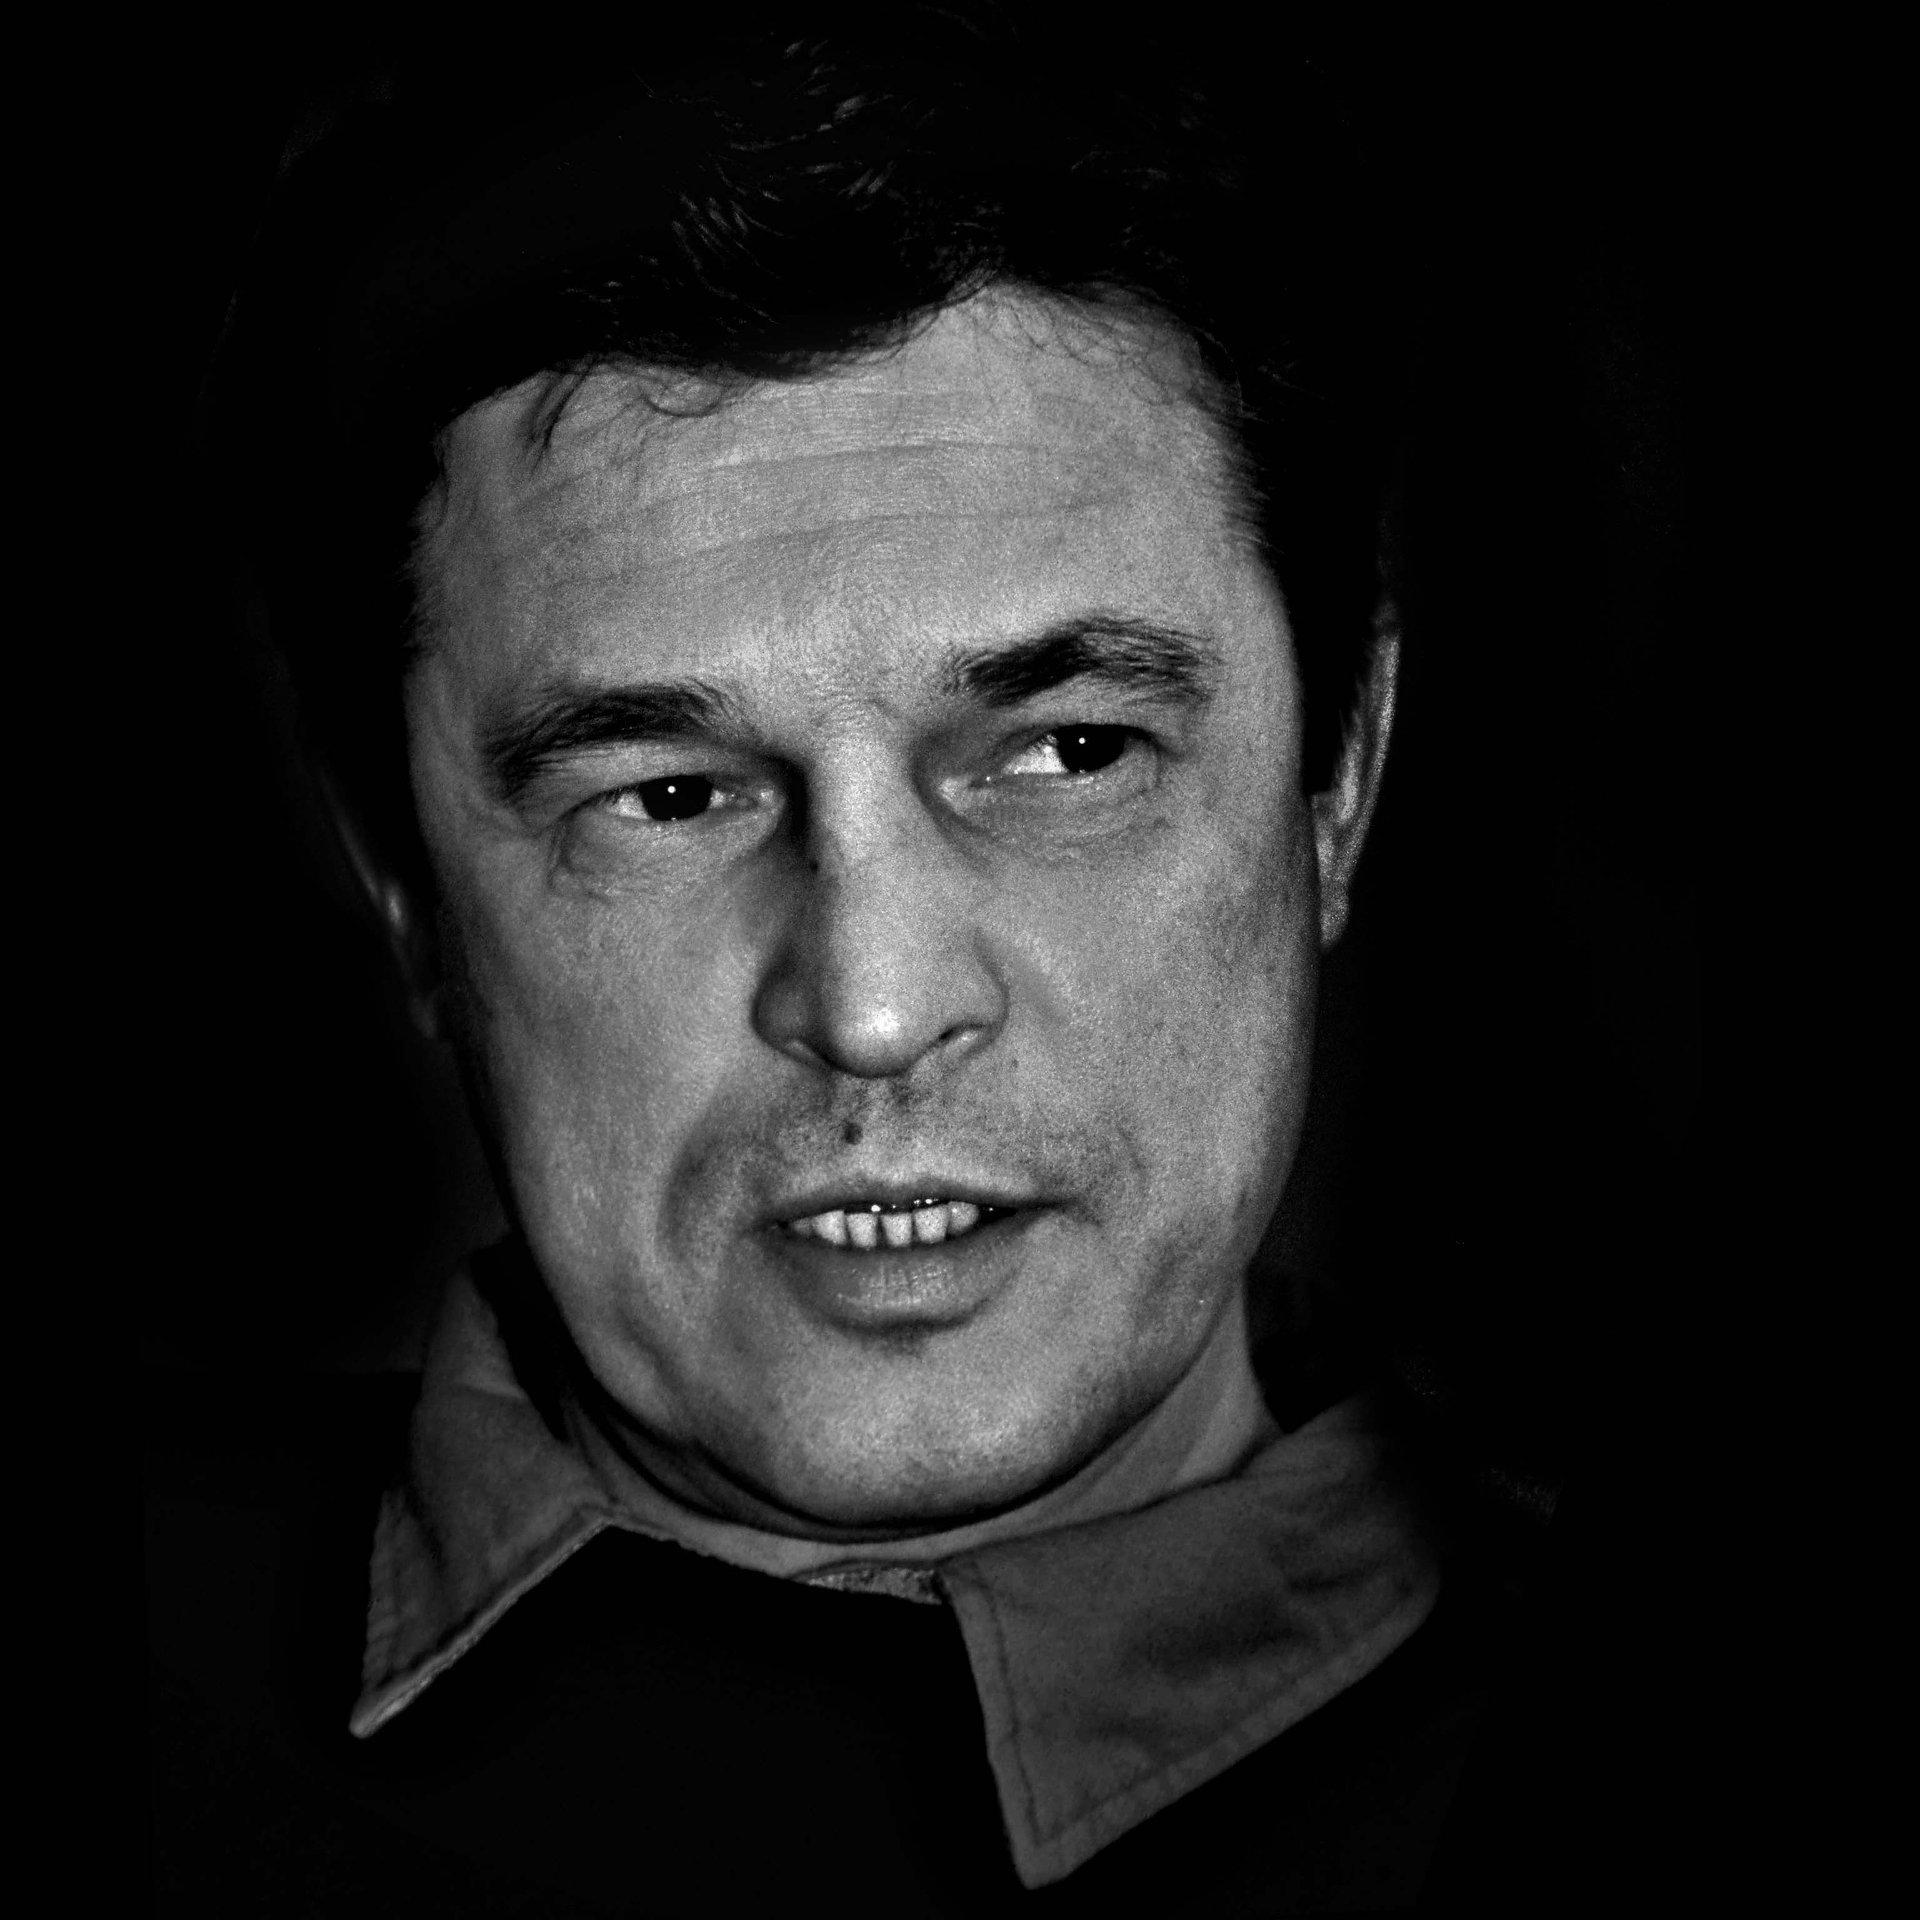 В фотообъективе Виктора Горячева.  Портреты. Часть 3.